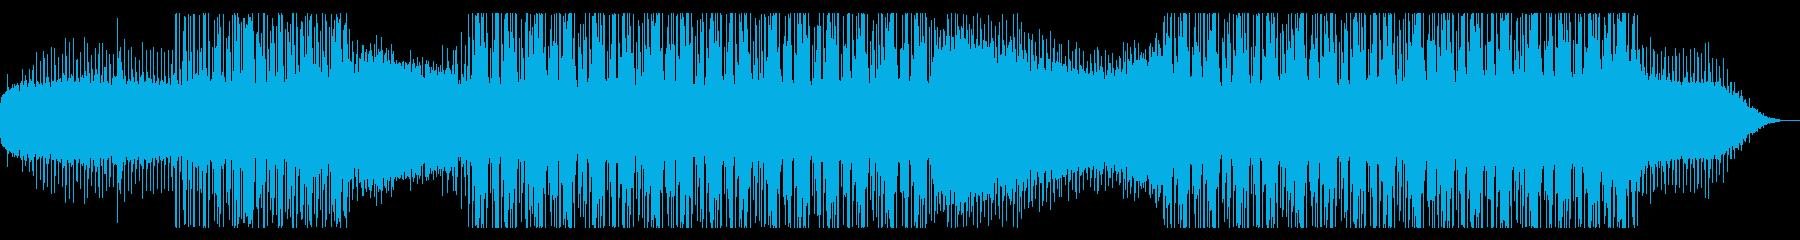 宇宙を漂うようなコズミックドラムンベースの再生済みの波形